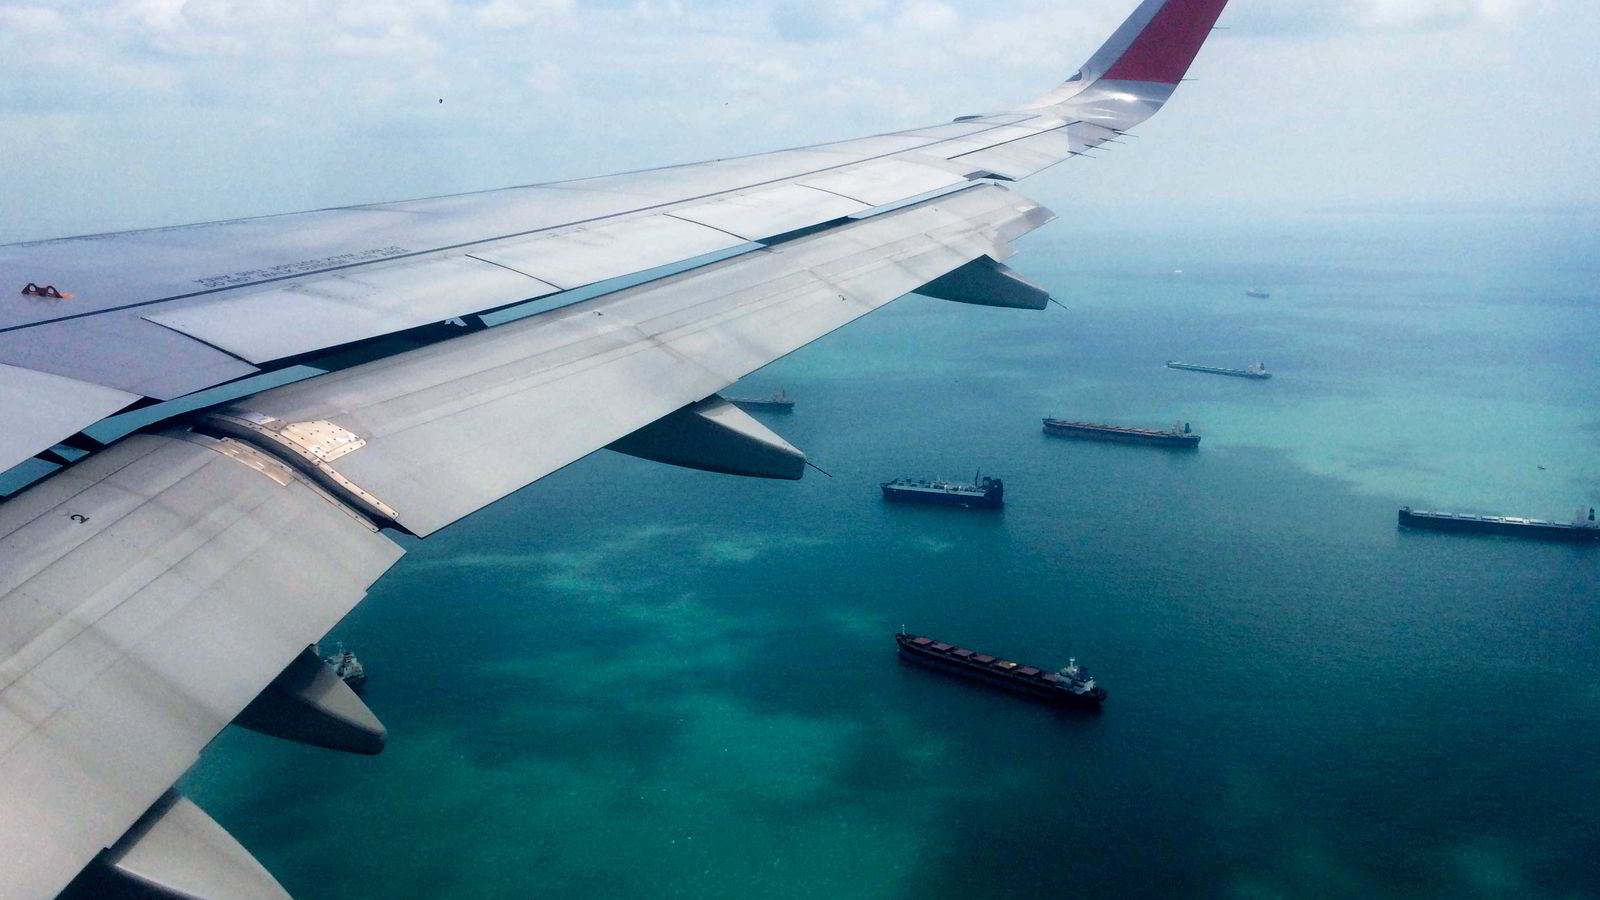 Fly og skipsfart står for rundt fem prosent av globale utslipp. Men prognosene viser at utslippene vil vokse kraftig i årene som kommer og kan utgjøre 32 prosent av utslippene i 2050.